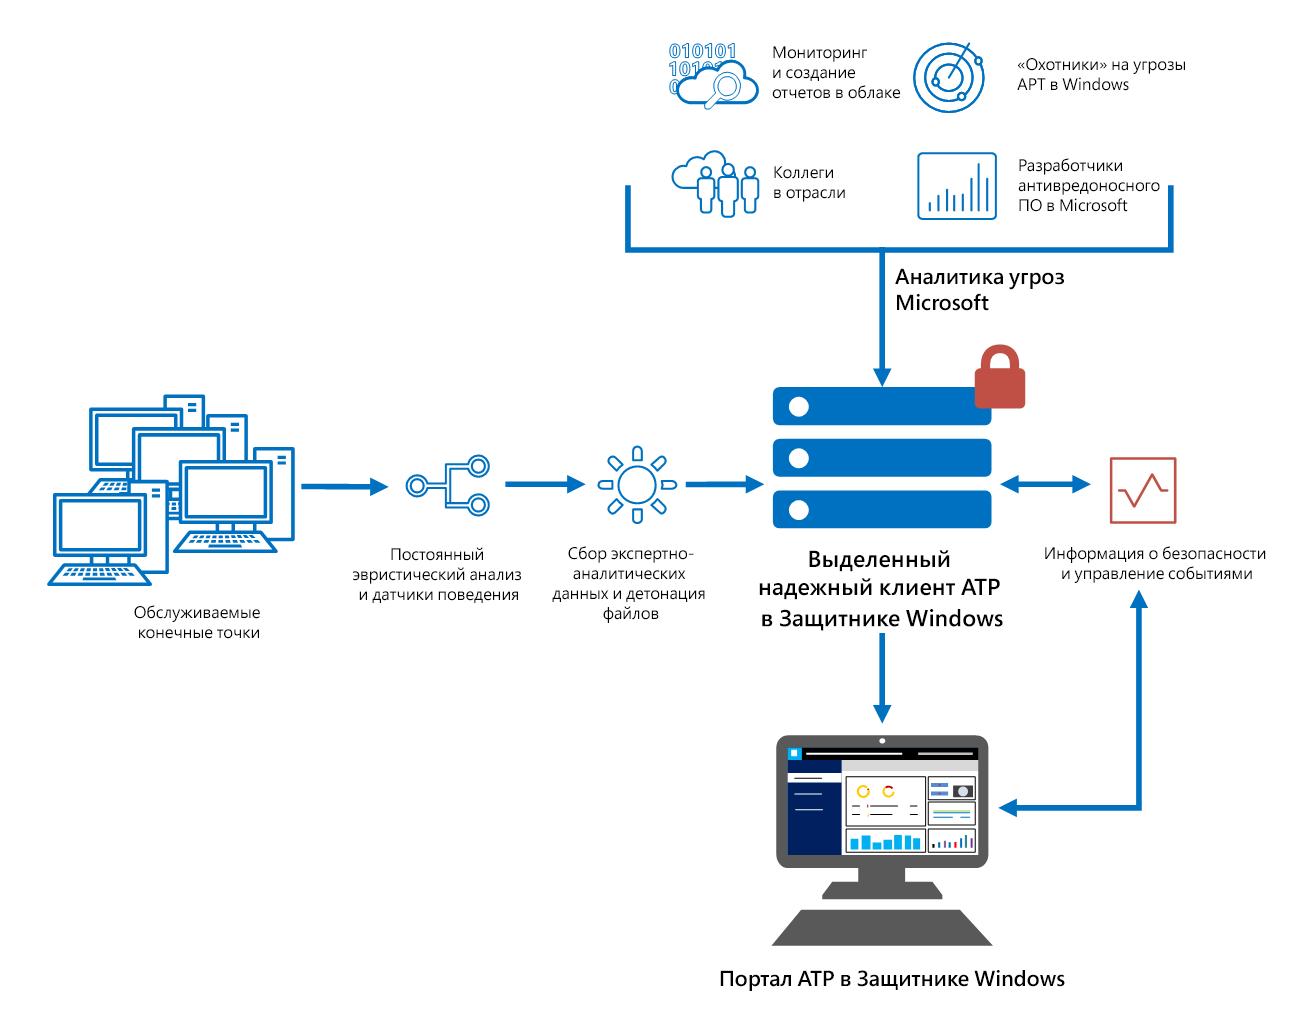 Служба Advanced Threat Protection в Защитнике Windows - 2